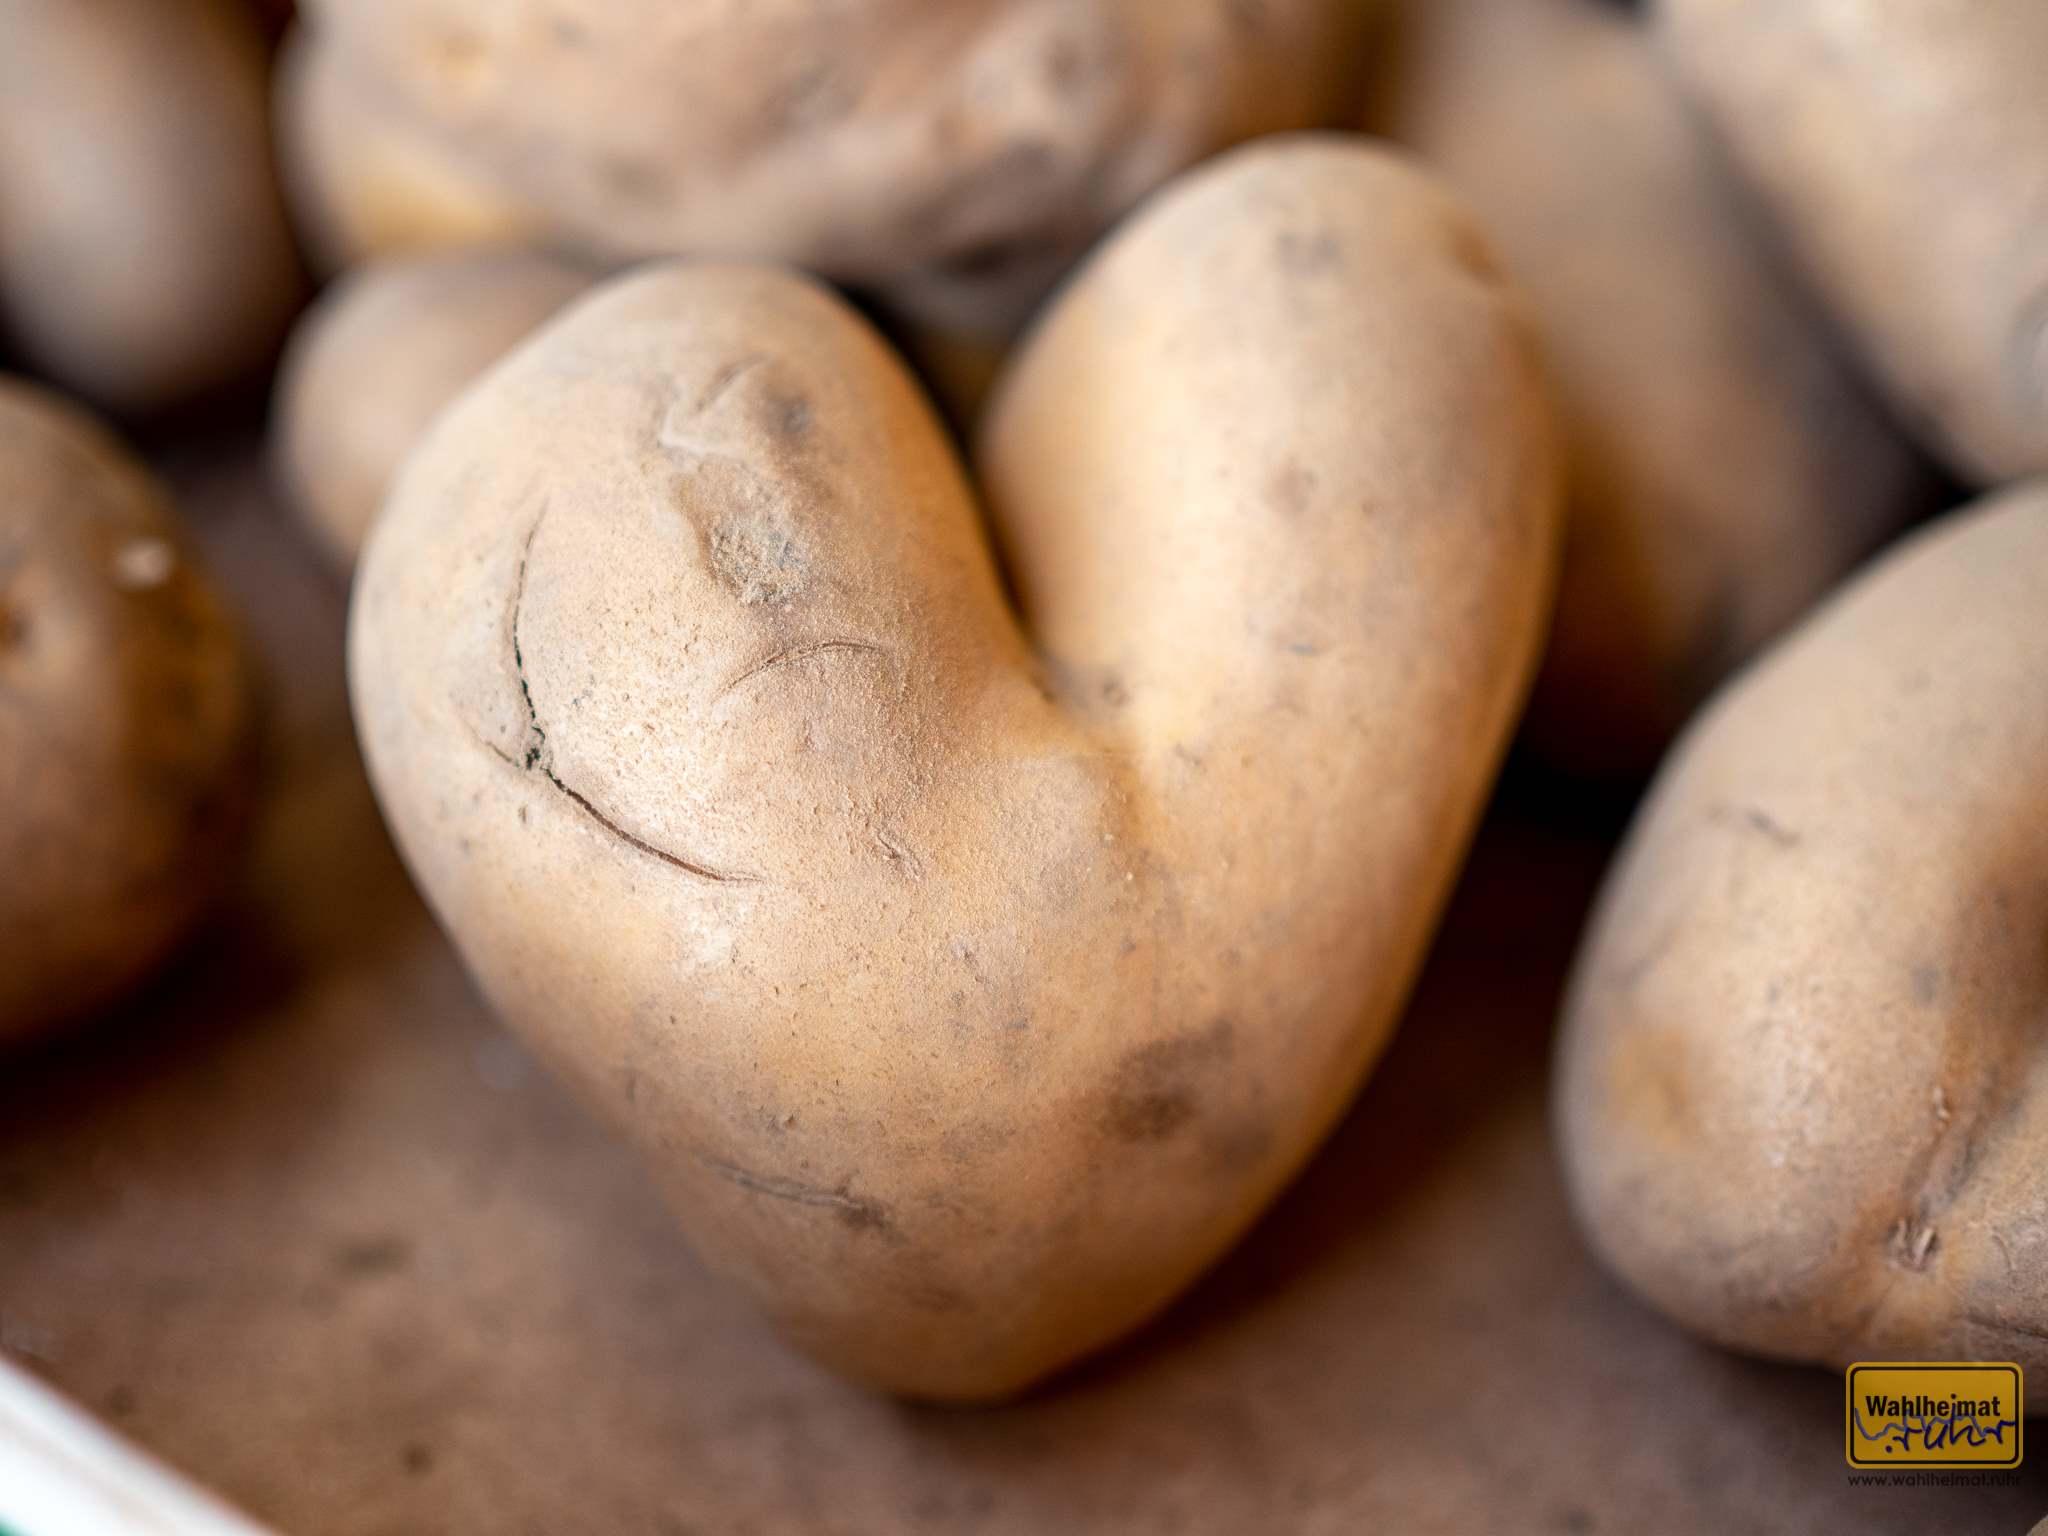 Großartig - eine Herzkartoffel zum Abschied!